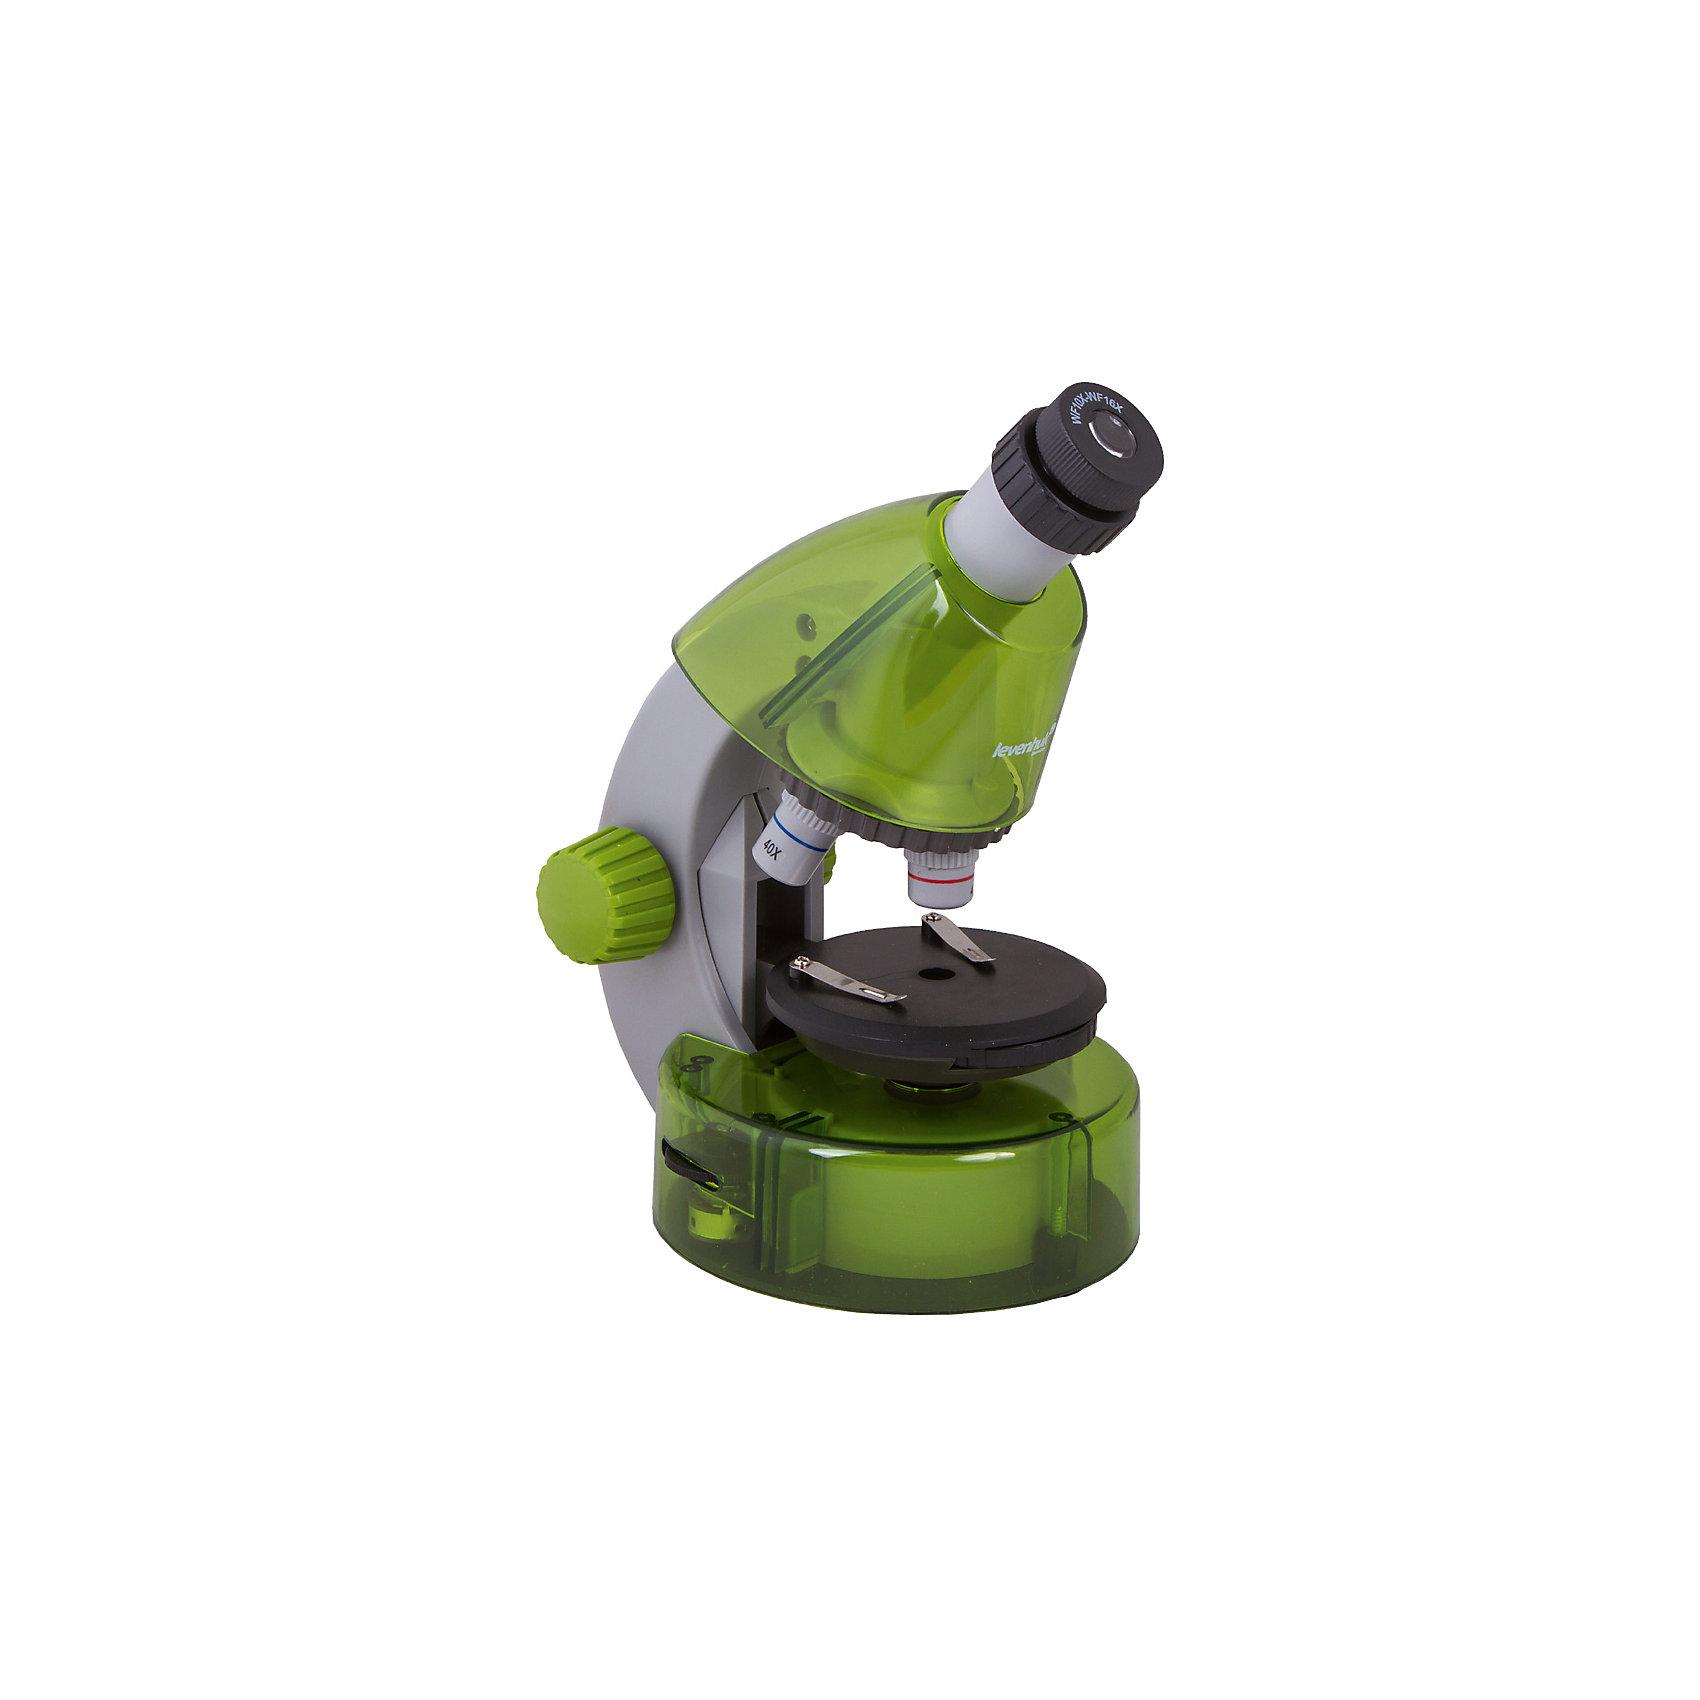 Микроскоп Levenhuk LabZZ M101 Lime\ЛаймХарактеристики товара:<br><br>• материал: металл, пластик<br>• увеличение: до 640 крат<br>• объективы: 4х, 10х, 40х<br>• подсветка: светодиодная<br>• подсветка работает от батареек 2хАА<br>• комплектация: микроскоп, окуляр WF16х, предметный столик с зажимами, диск с диафрагмами, адаптер питания от сети (питание 110-220 В, 50 Гц), инструкция по эксплуатации и гарантийный талон, пинцет, инкубатор для артемии, микротом, флакон с дрожжами, флакон со смолой для изготовления препаратов, флакон с морской солью, флакон с артемией (морским рачком), 5 готовых образцов и 5 чистых предметных стекол, пипетка, пылезащитный чехол<br>• страна бренда: США<br>• страна производства: КНР<br><br>Собственный микроскоп - это отличный способ заинтересовать ребенка наукой и привить ему интерес к учебе. Эта модель микроскопа была разработана специально для детей - он позволяет увеличивать препарат в 640 крат, с помощью этого дети могут исследовать состав и структуру разнообразных предметов, веществ и организмов. Благодаря стильному дизайну этот микроскоп отлично вписывается в интерьер!<br><br>Оптические приборы от американской компании Levenhuk уже успели зарекомендовать себя как качественная и надежная продукция. Для их производства используются только безопасные и проверенные материалы. Такой прибор способен прослужить долго. Подарите ребенку интересную и полезную вещь!<br><br>Микроскоп Levenhuk LabZZ M101 Lime\Лайм от известного бренда Levenhuk (Левенгук) можно купить в нашем интернет-магазине.<br><br>Ширина мм: 130<br>Глубина мм: 185<br>Высота мм: 270<br>Вес г: 930<br>Возраст от месяцев: 60<br>Возраст до месяцев: 2147483647<br>Пол: Унисекс<br>Возраст: Детский<br>SKU: 5435286